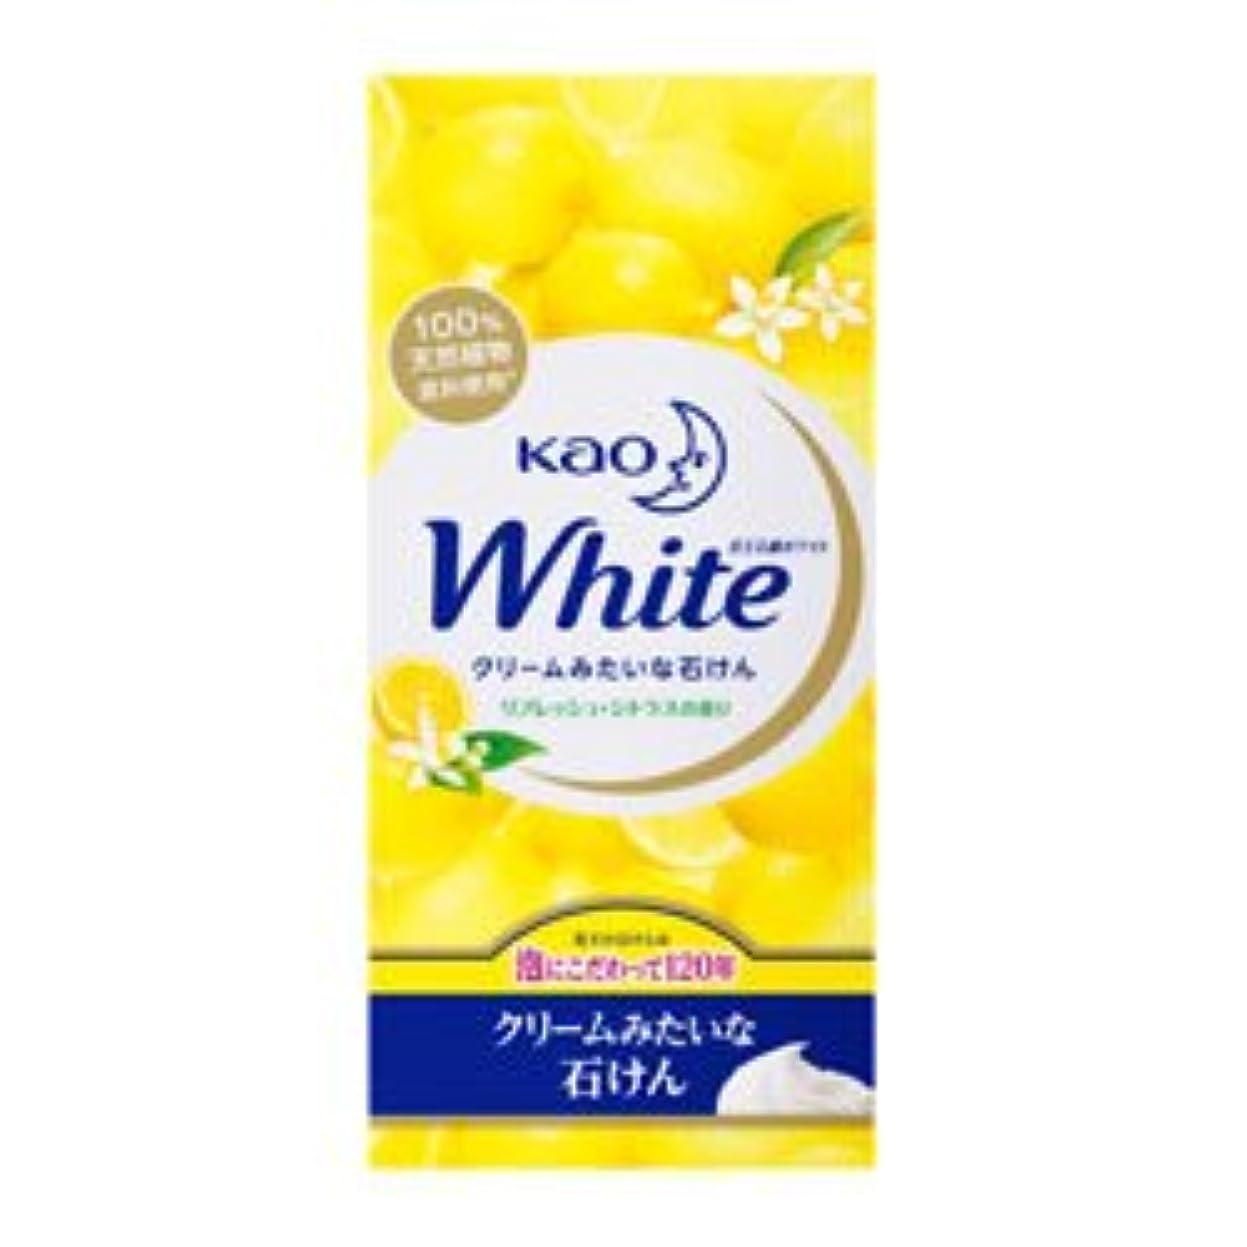 どんなときも飛躍パーツ【花王】ホワイト リフレッシュ?シトラスの香り レギュラーサイズ 85g×6個入 ×20個セット